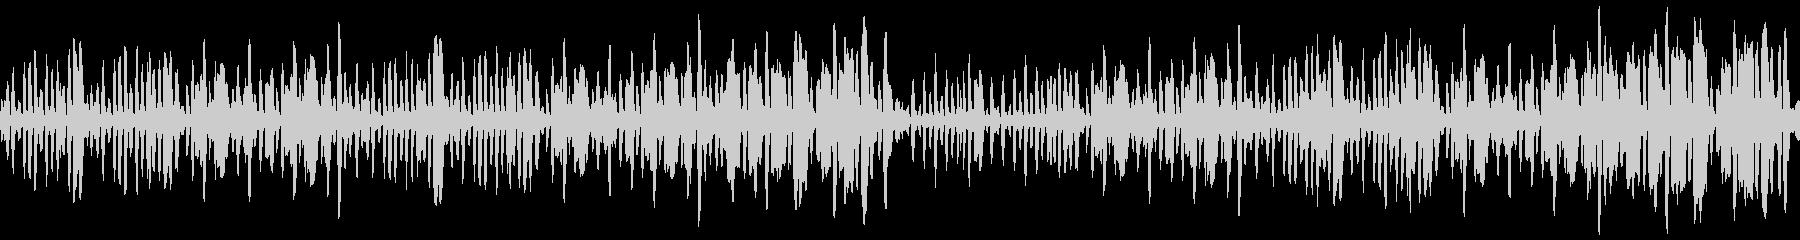 リコーダーの元気で可愛い曲2_ループの未再生の波形